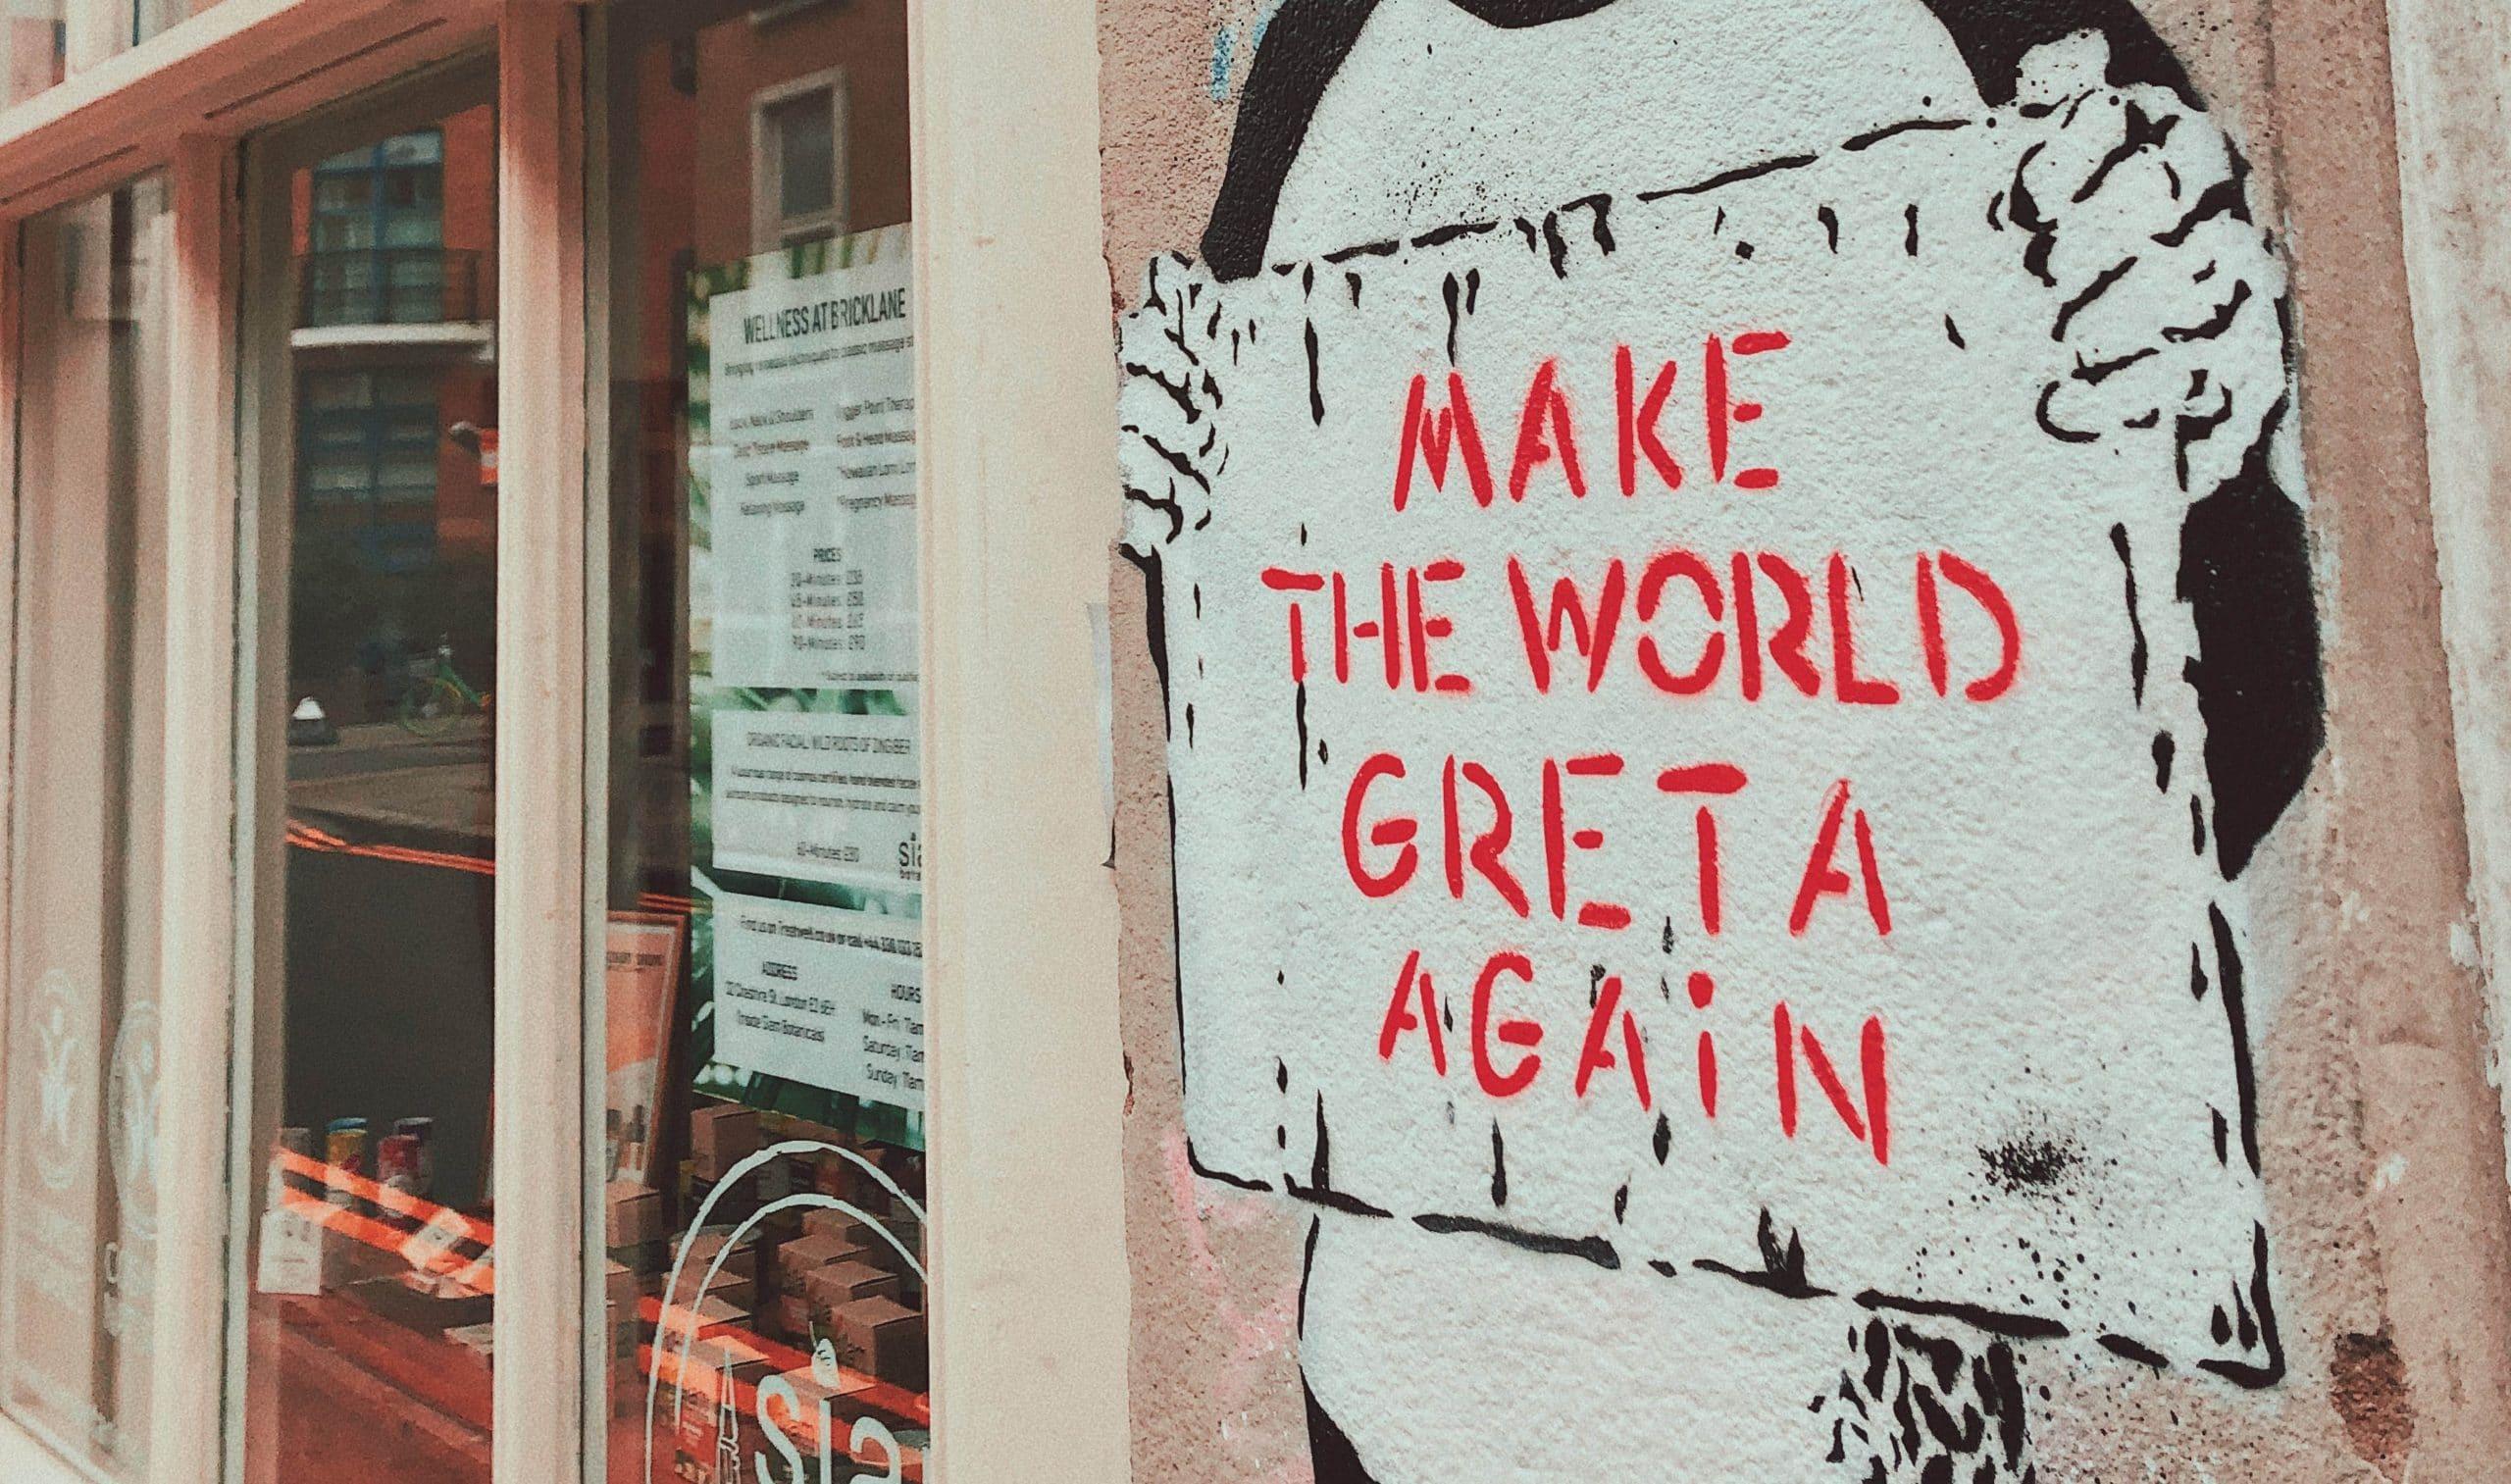 Diskursforscherin Ruth Wodak aus Wien verweist auf den neuen Corona Wortschatz mit Wörtern wie Maskenpflicht oder Kontaktsperre in Europa